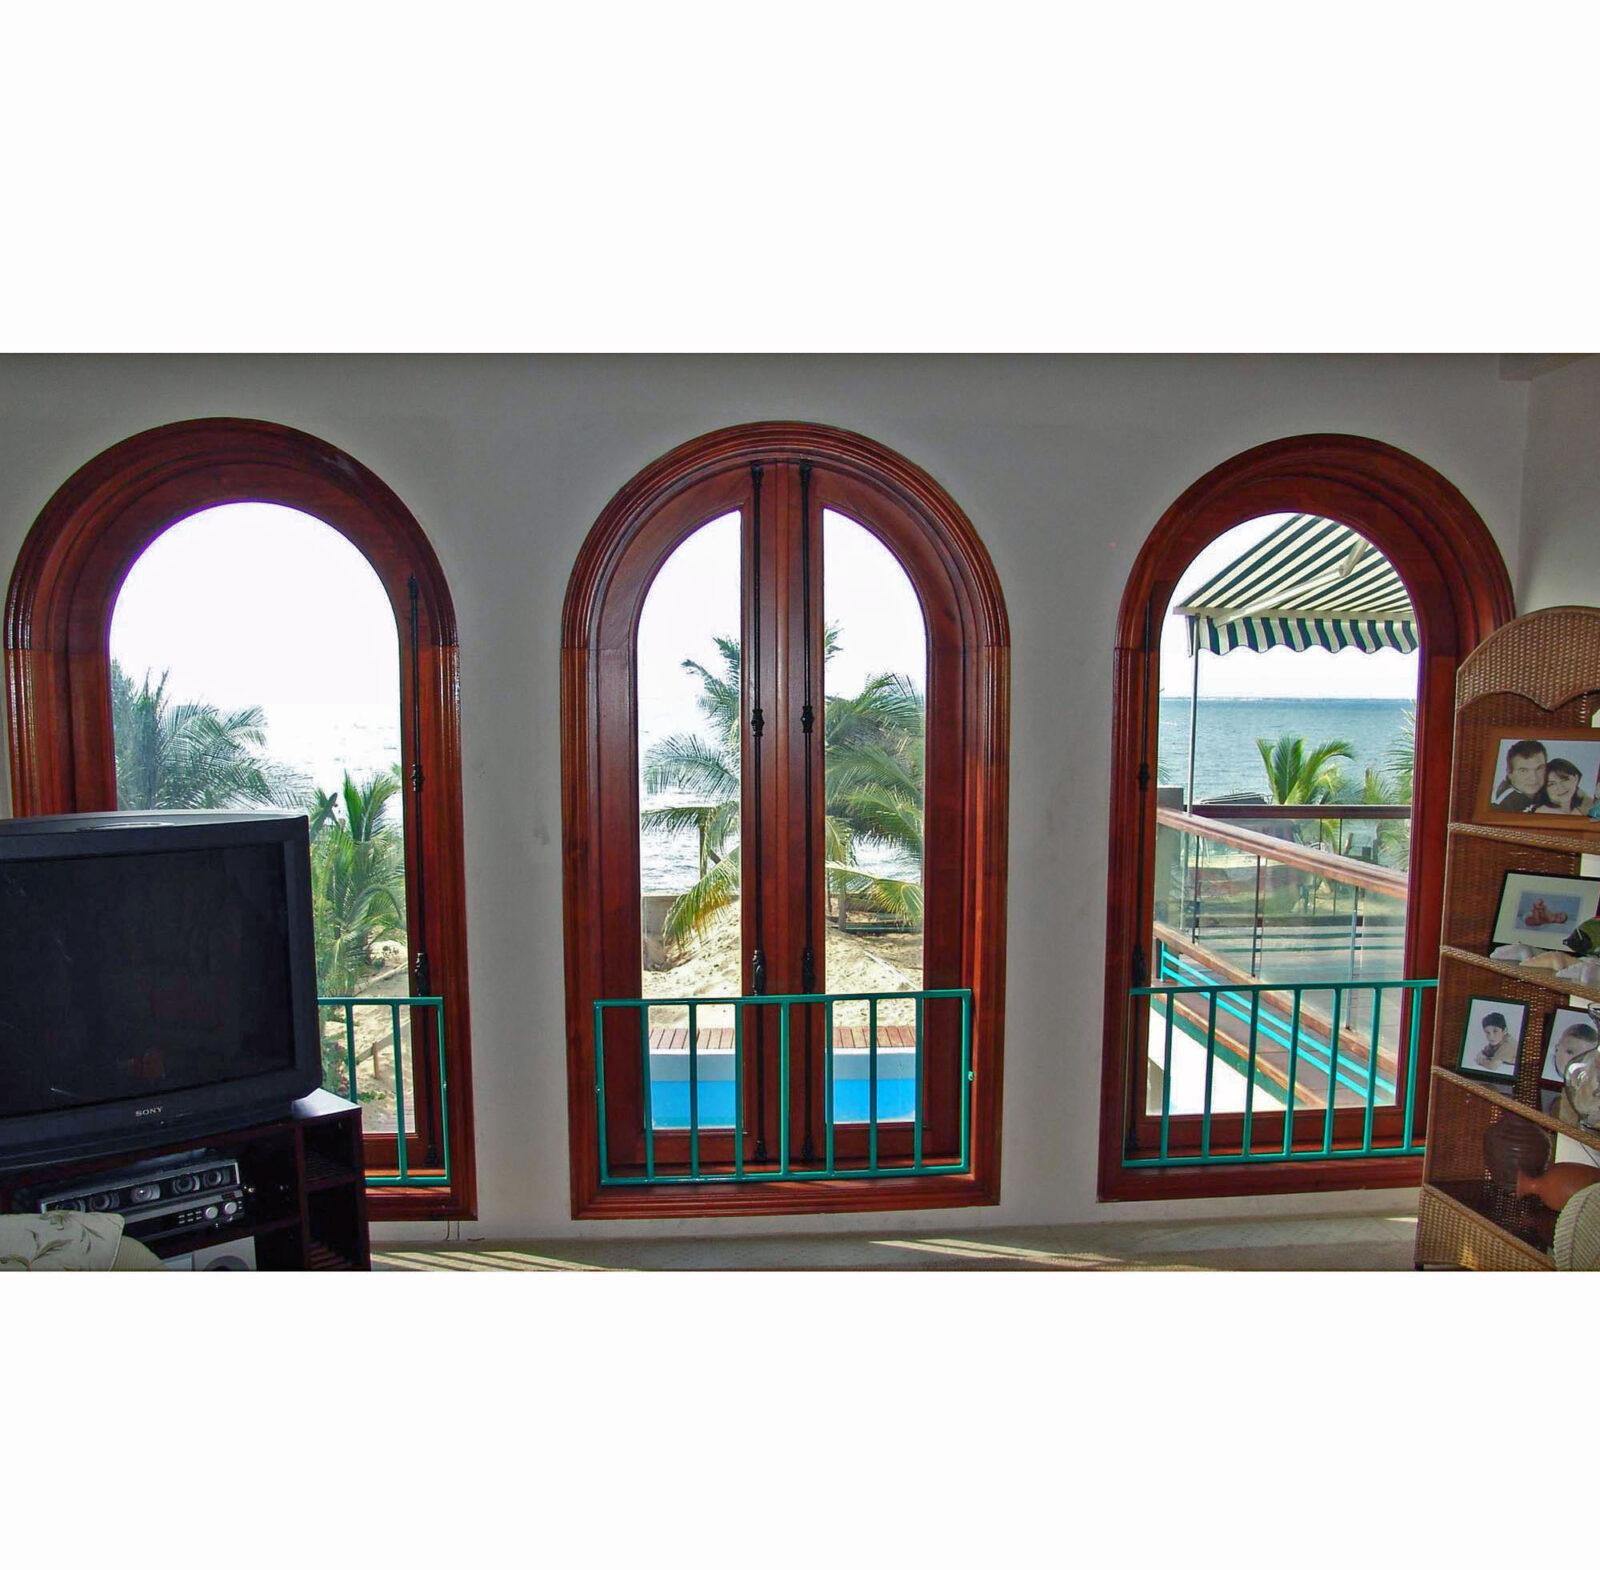 TRUJILLO ARCH WINDOWS